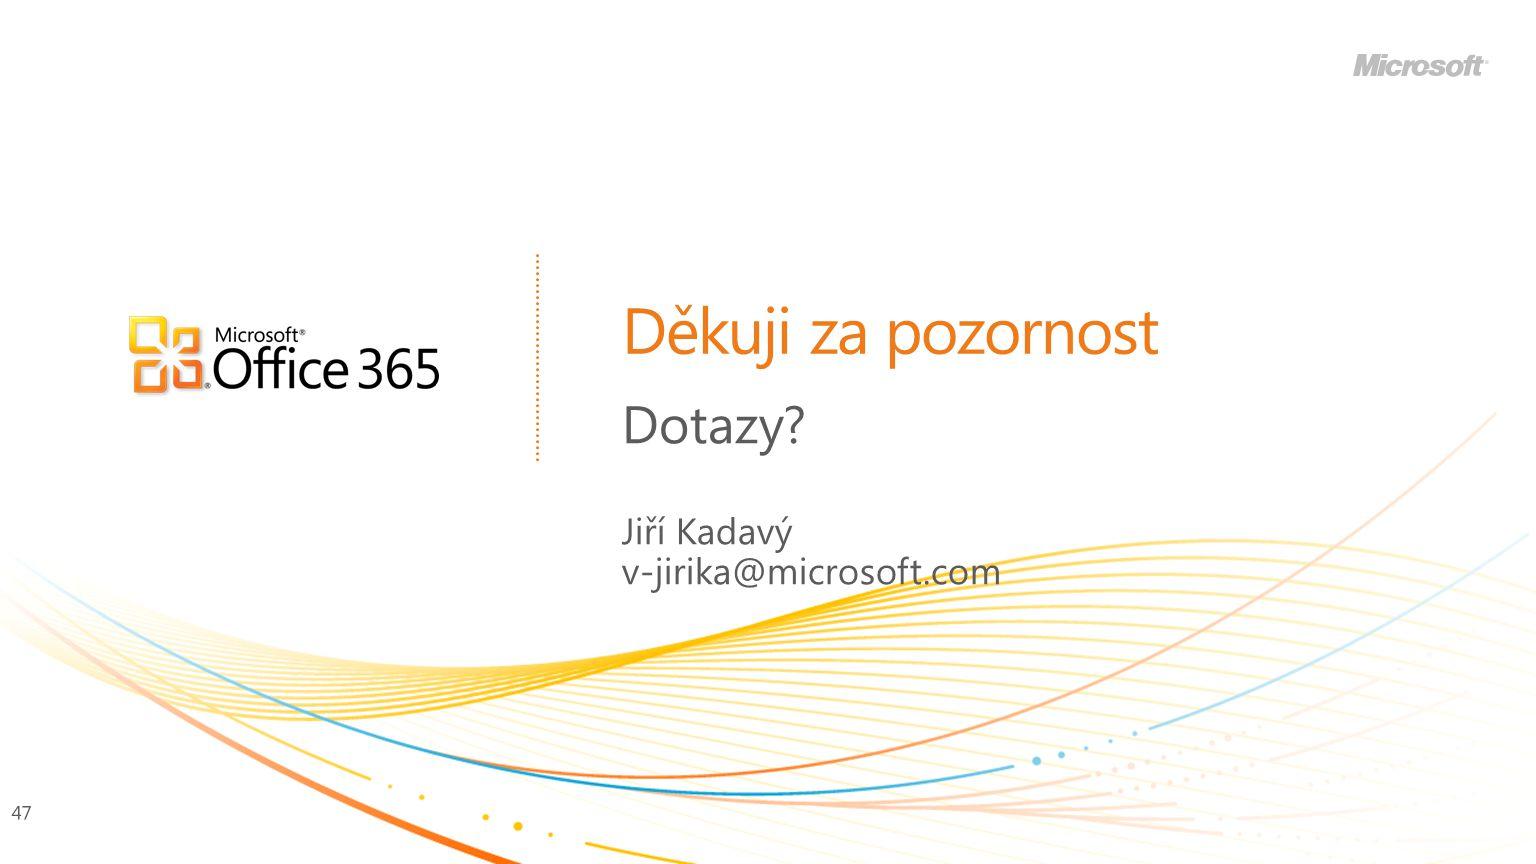 Dotazy Jiří Kadavý v-jirika@microsoft.com